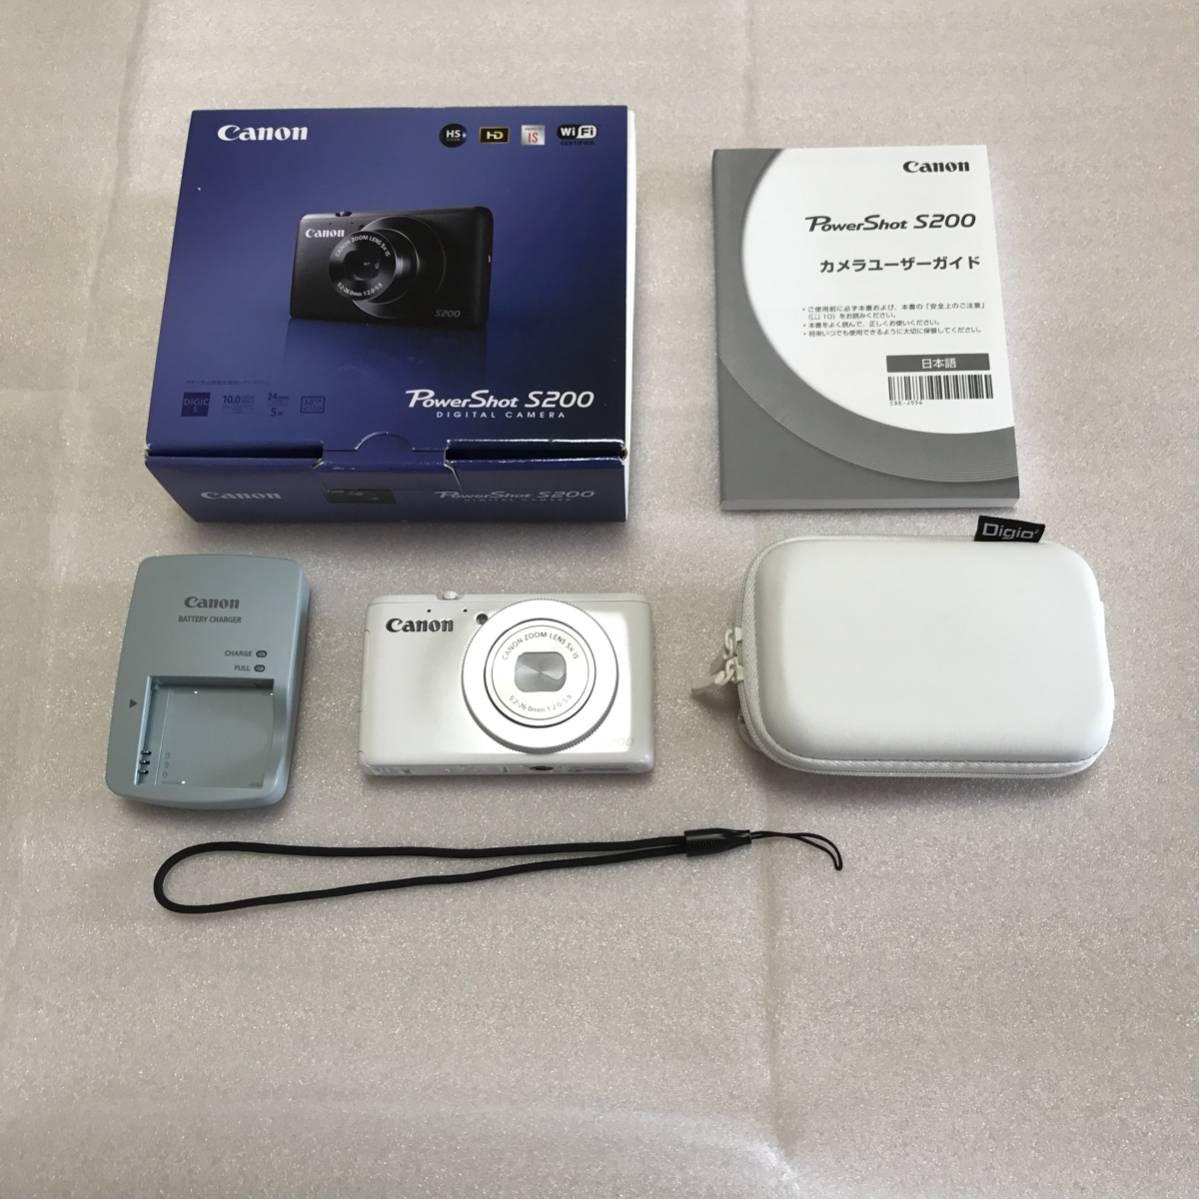 【美品】キャノン Canon PowerShot S200 ホワイト 付属品完備+ソフトケース付